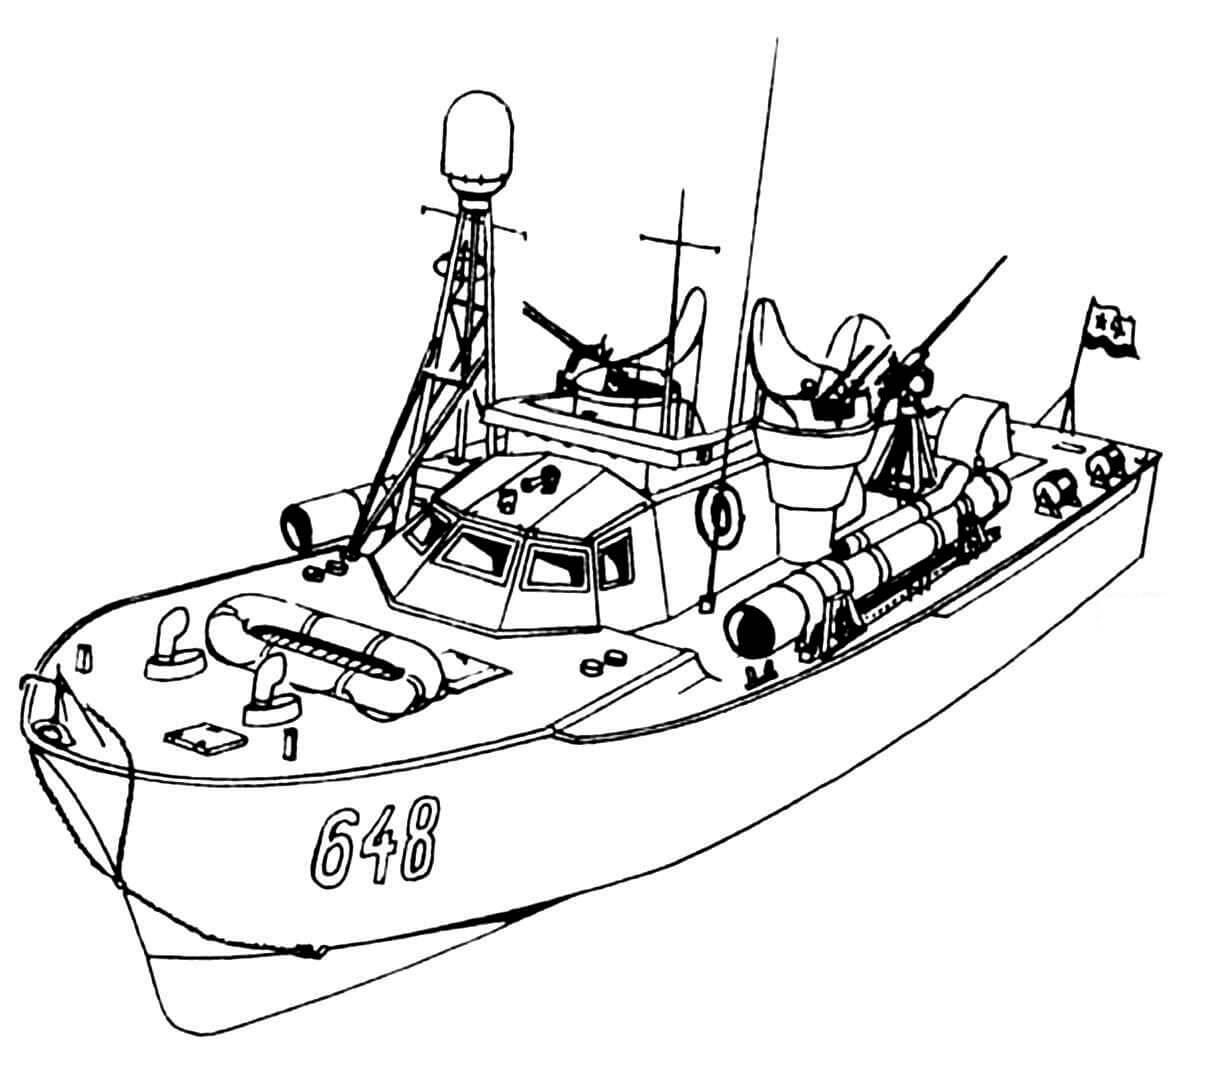 Торпедный катер ТК-272. (Бортовые номера на корпусе появились в послевоенный период).